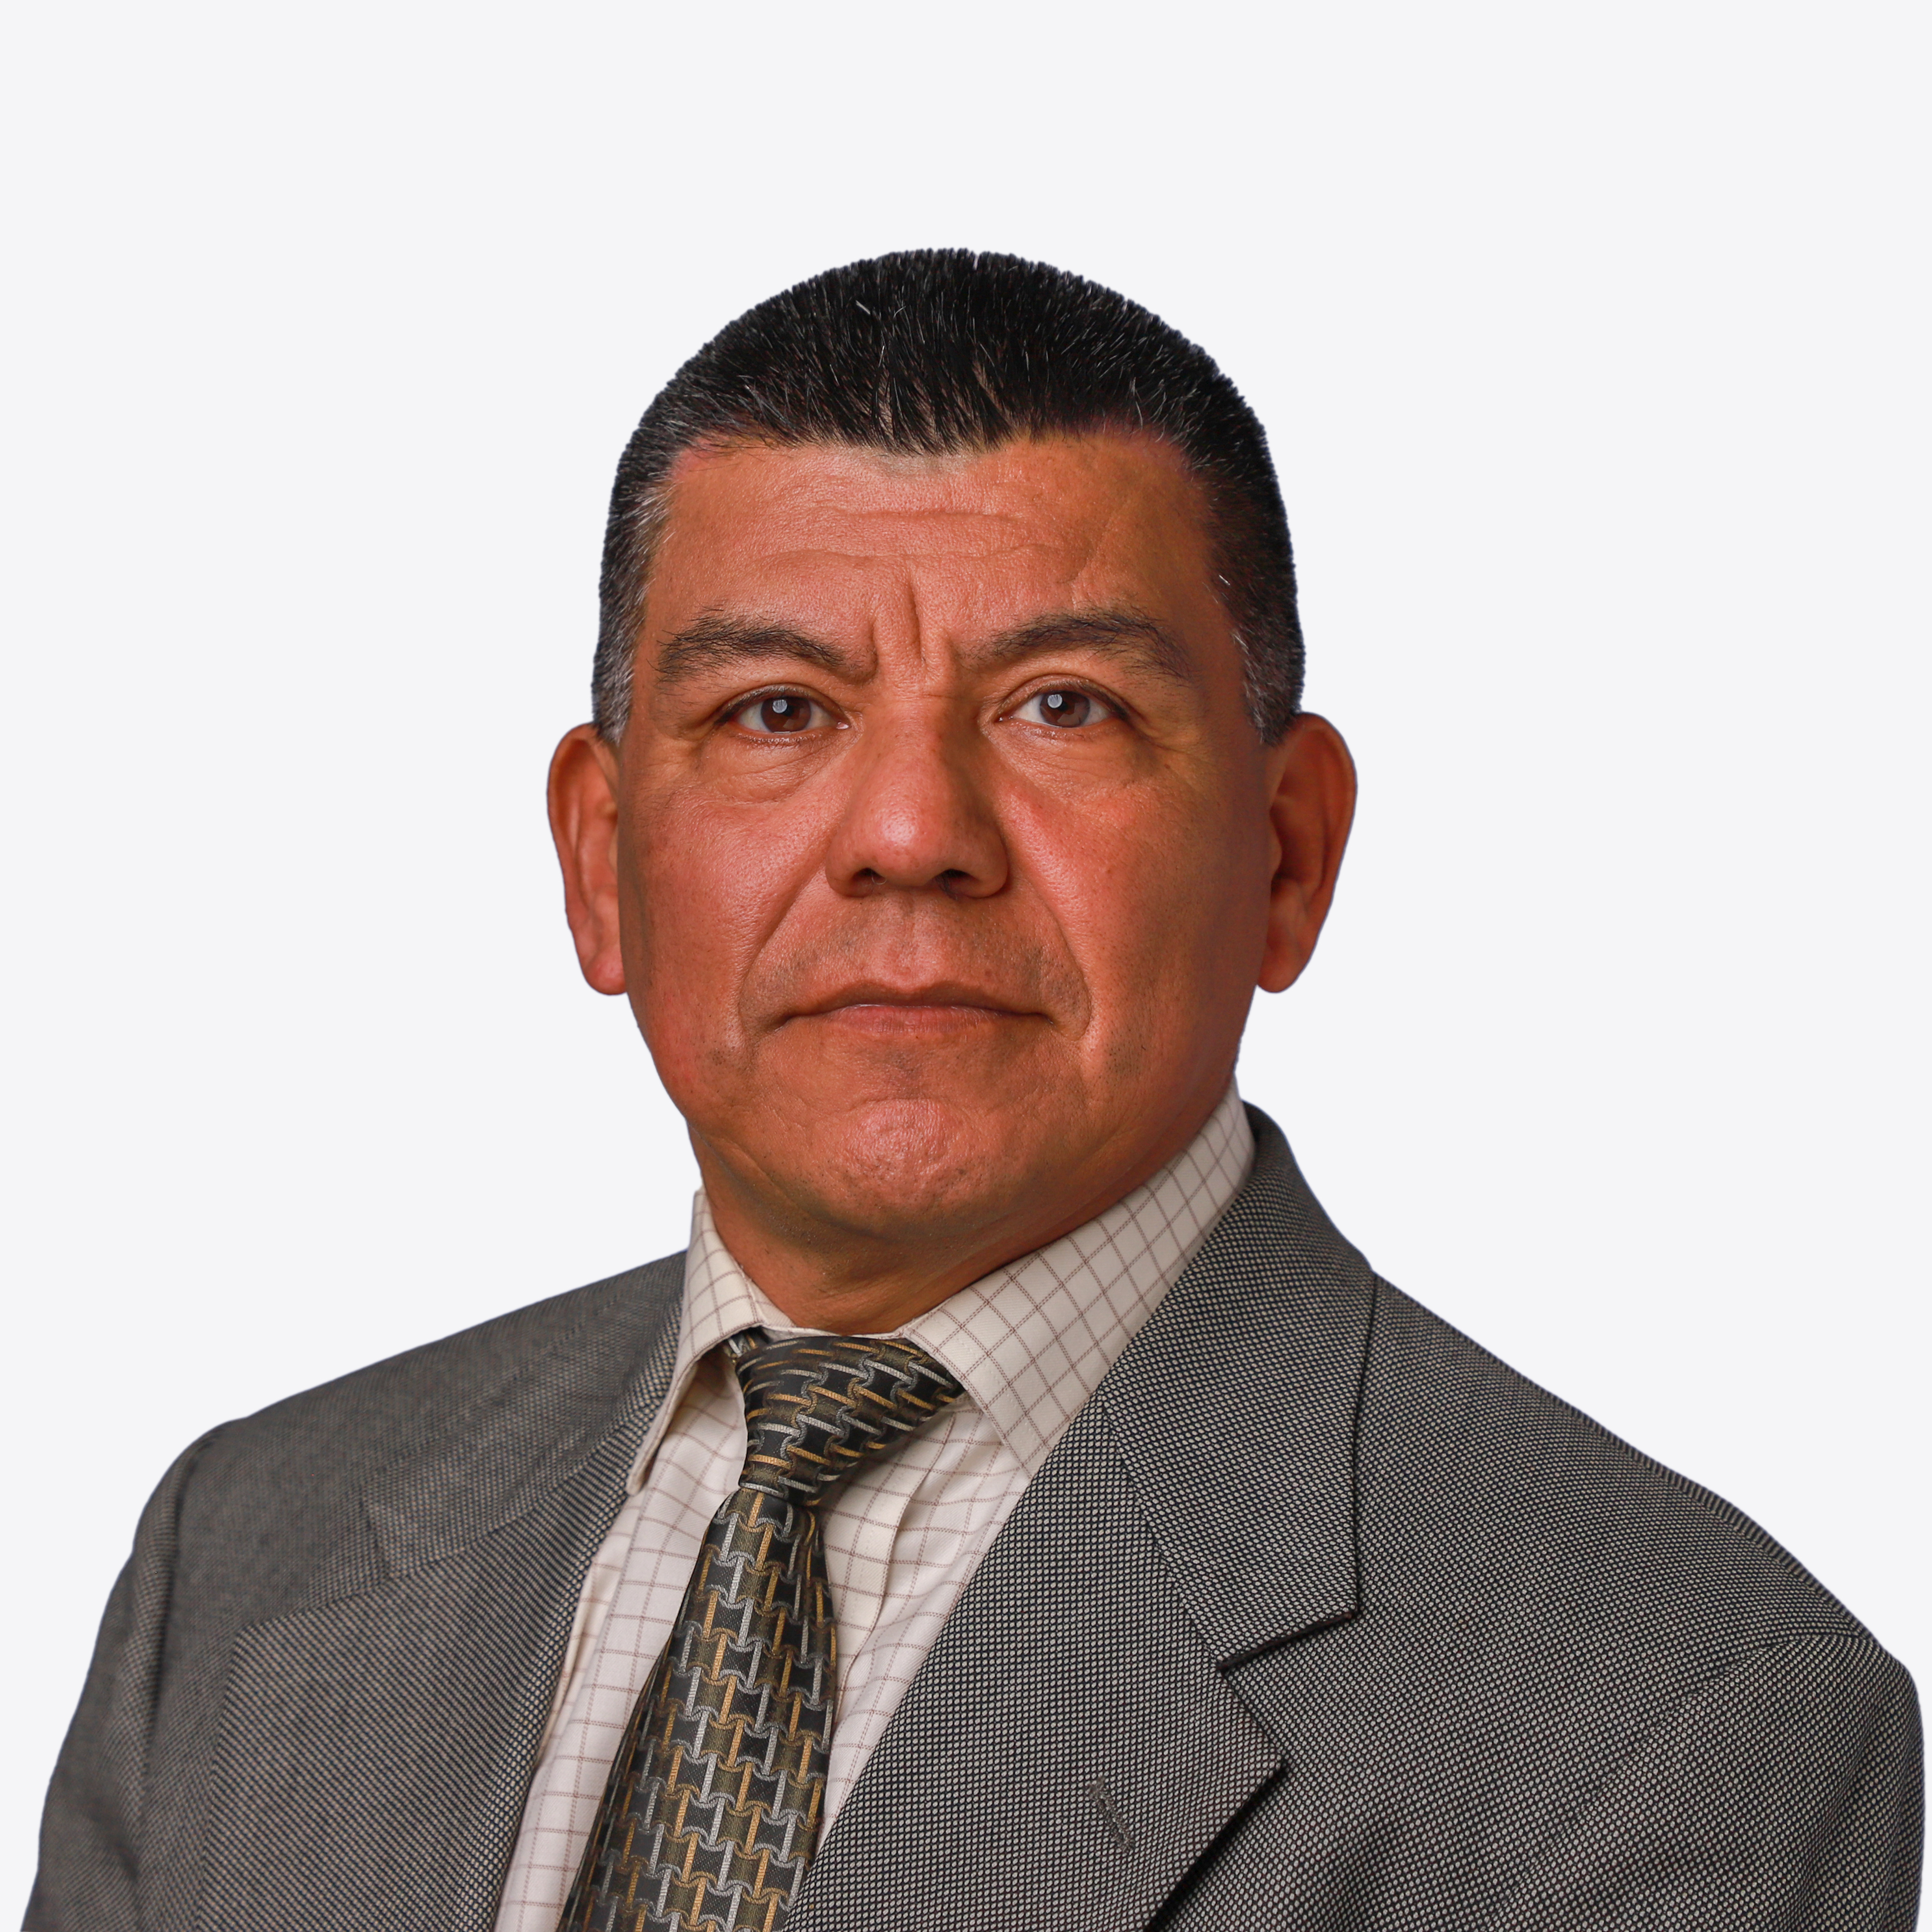 Benjamin Alvarez